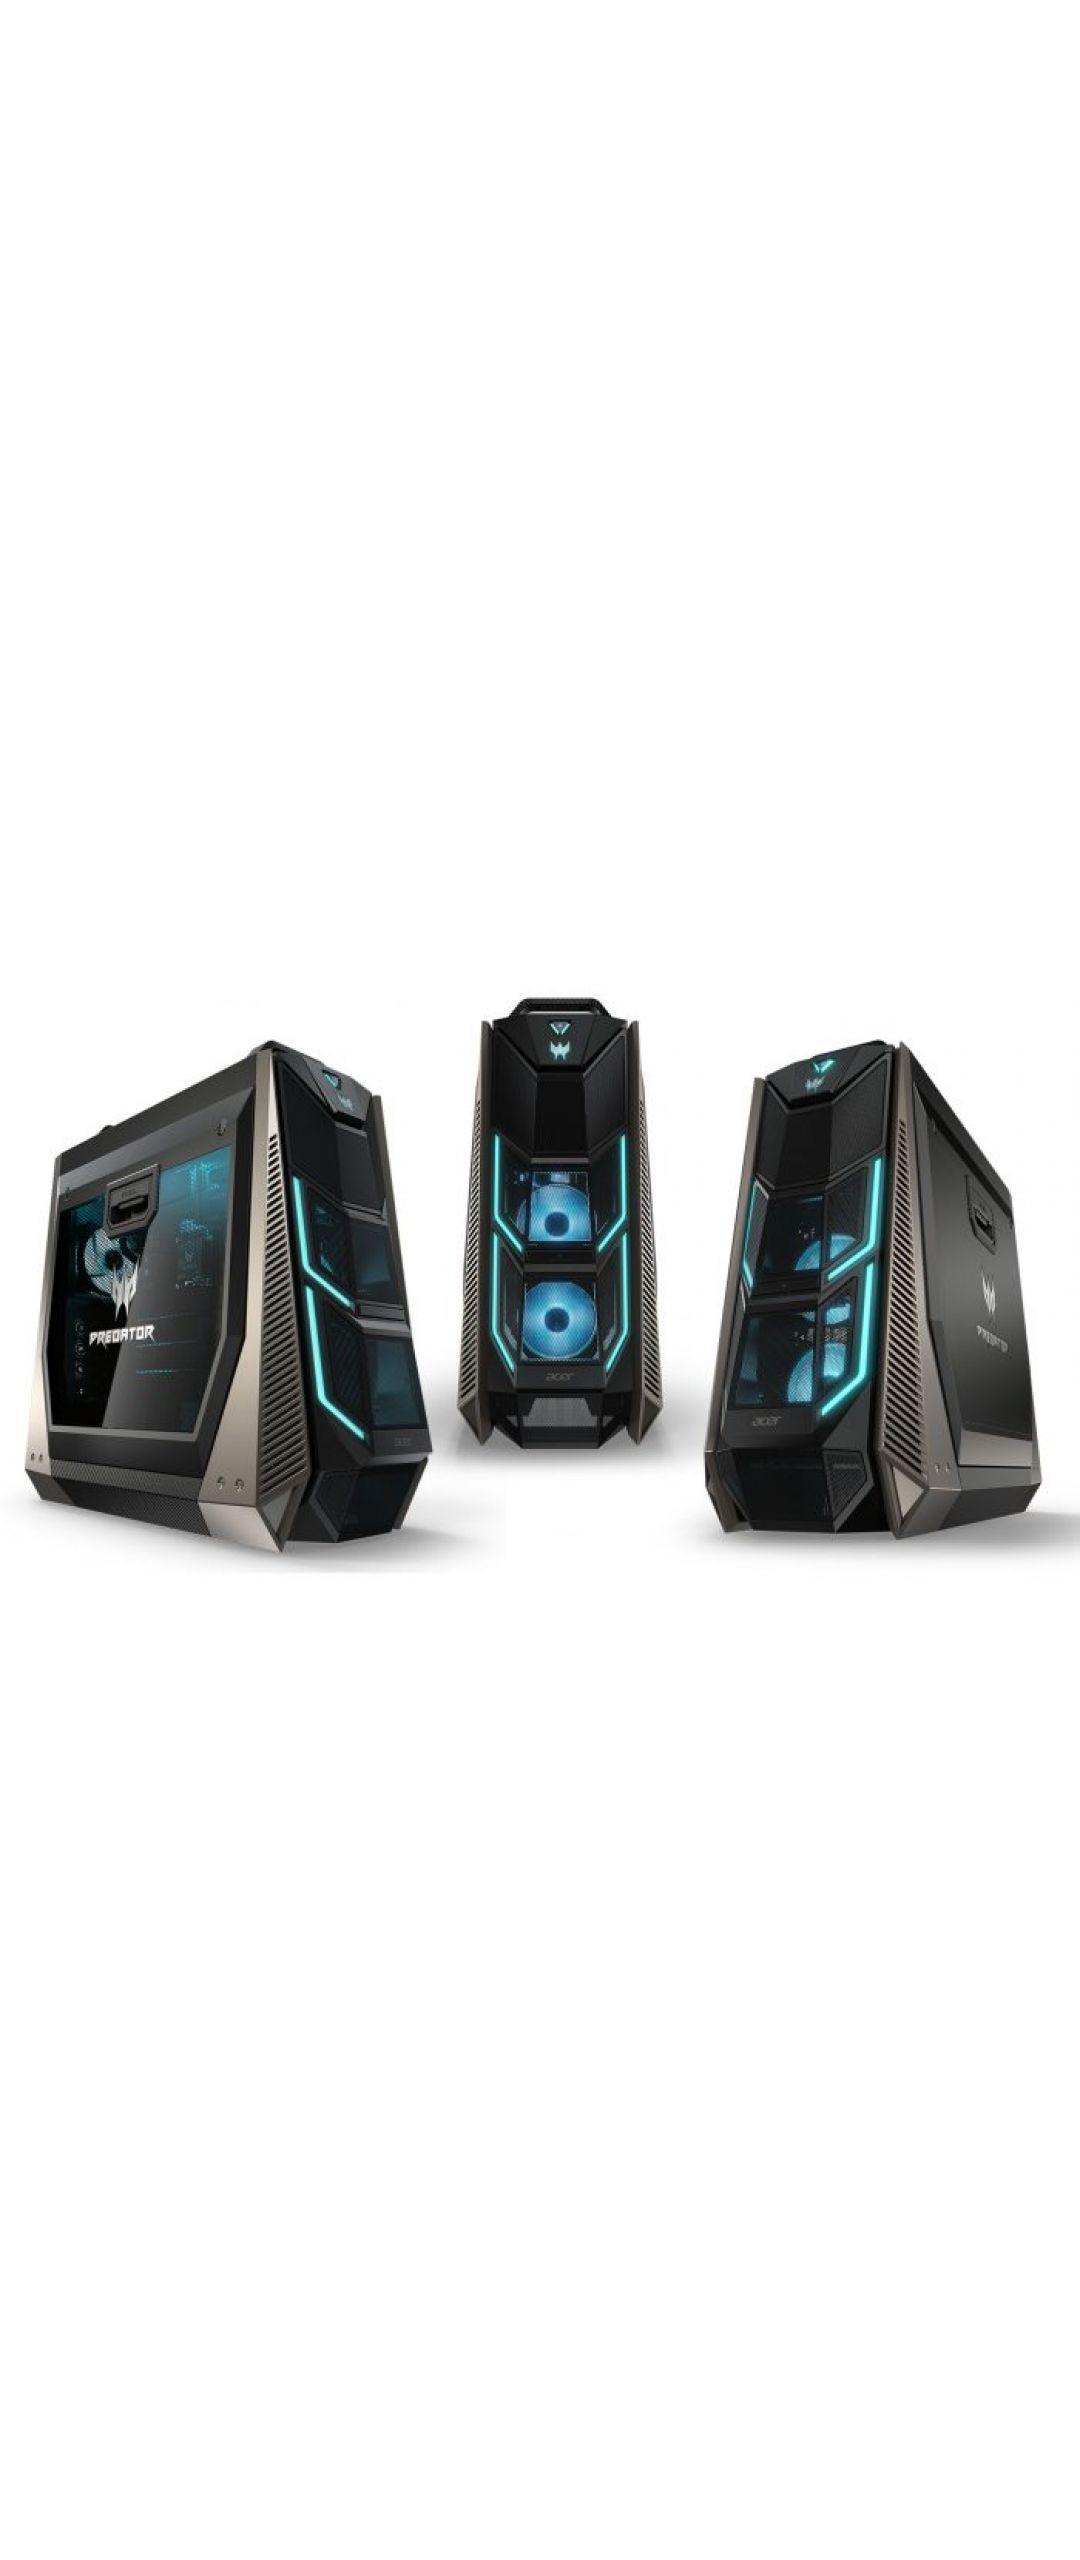 Acer lanzará un computador con el potente Core i9 Extreme Edition